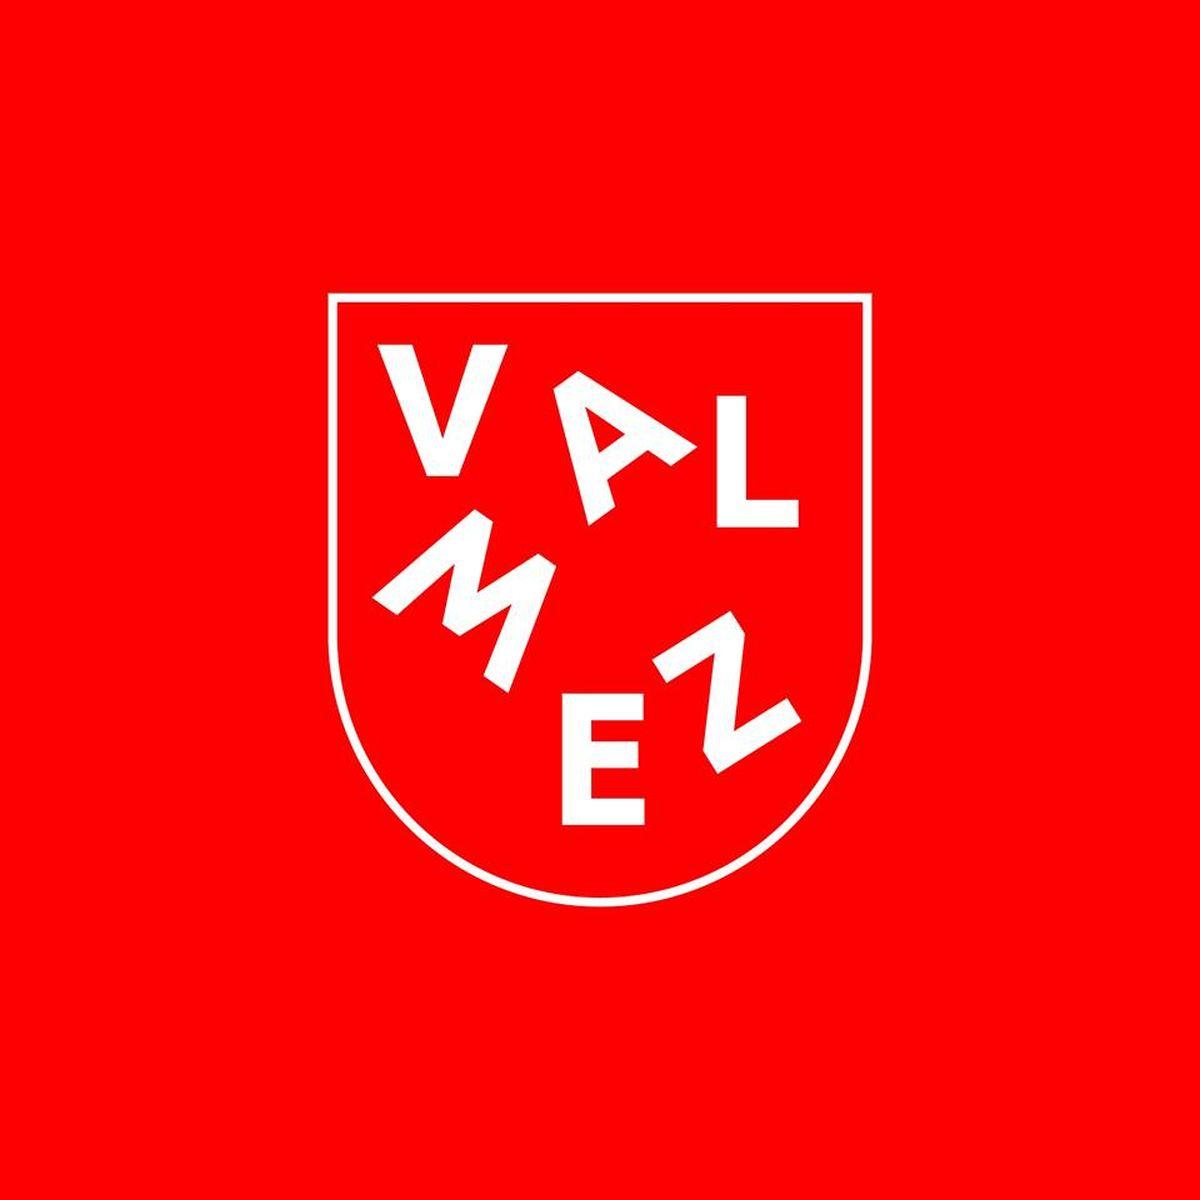 Nové logo Valašského Meziříčí, jedna varianta